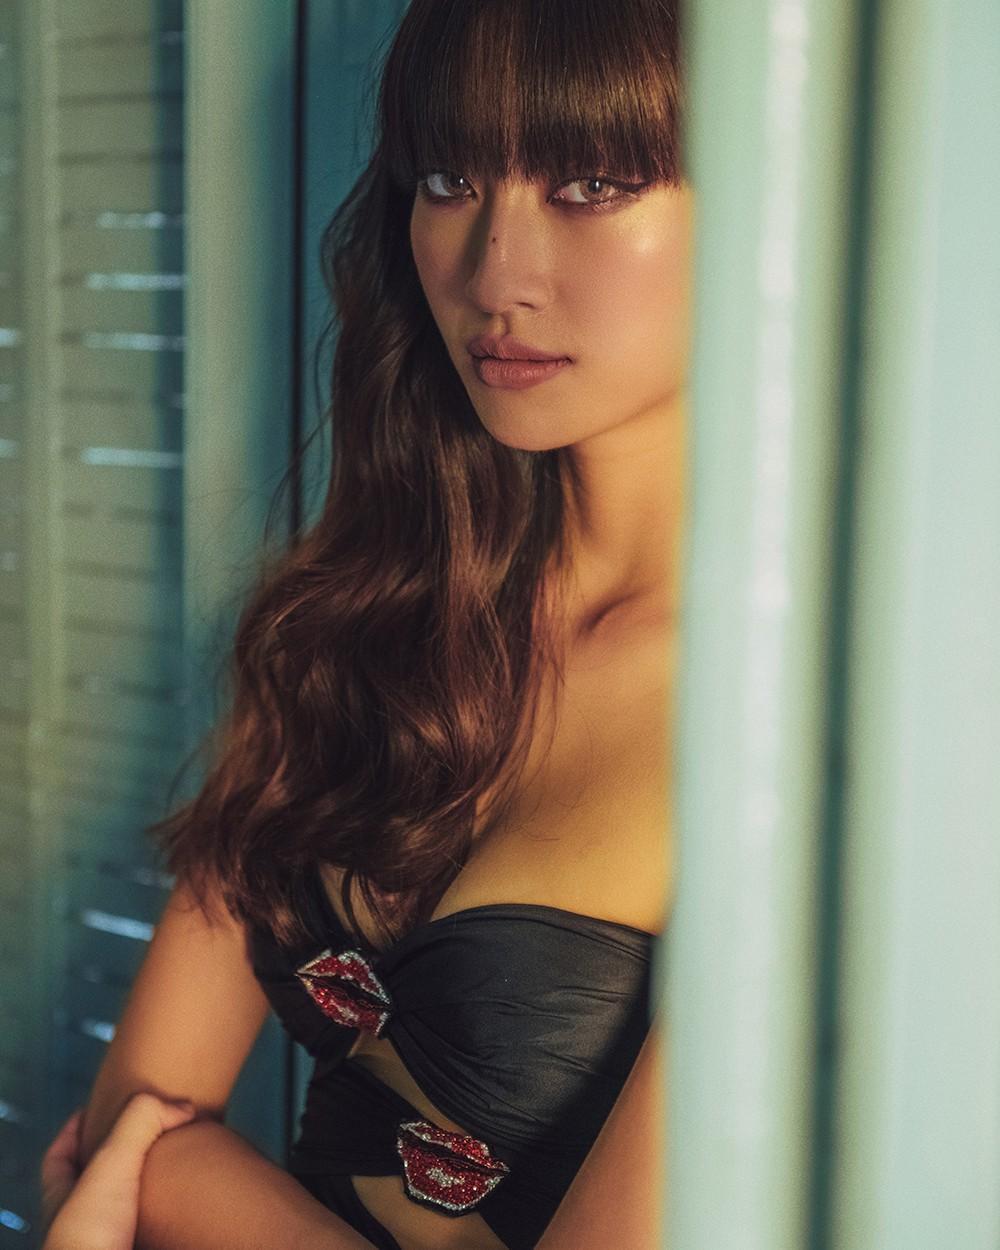 Body nuột nà và đôi chân 'cực phẩm' 1m22 của Miss World Vietnam Lương Thùy Linh ảnh 6